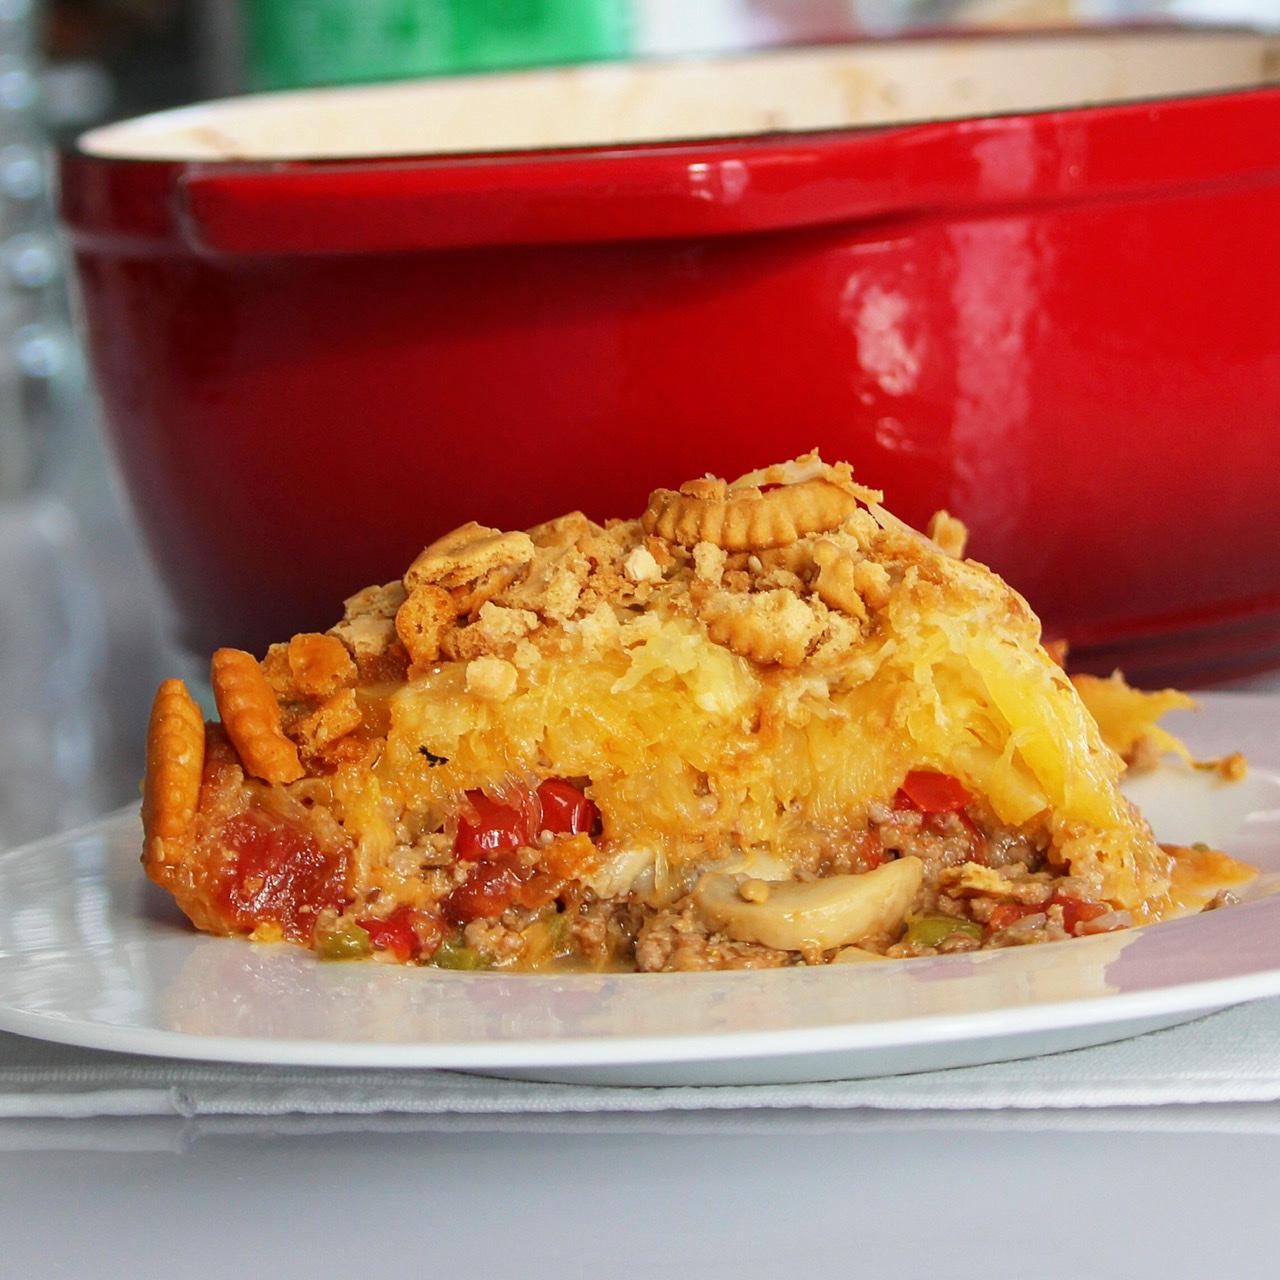 Spaghetti Squash Beef Casserole